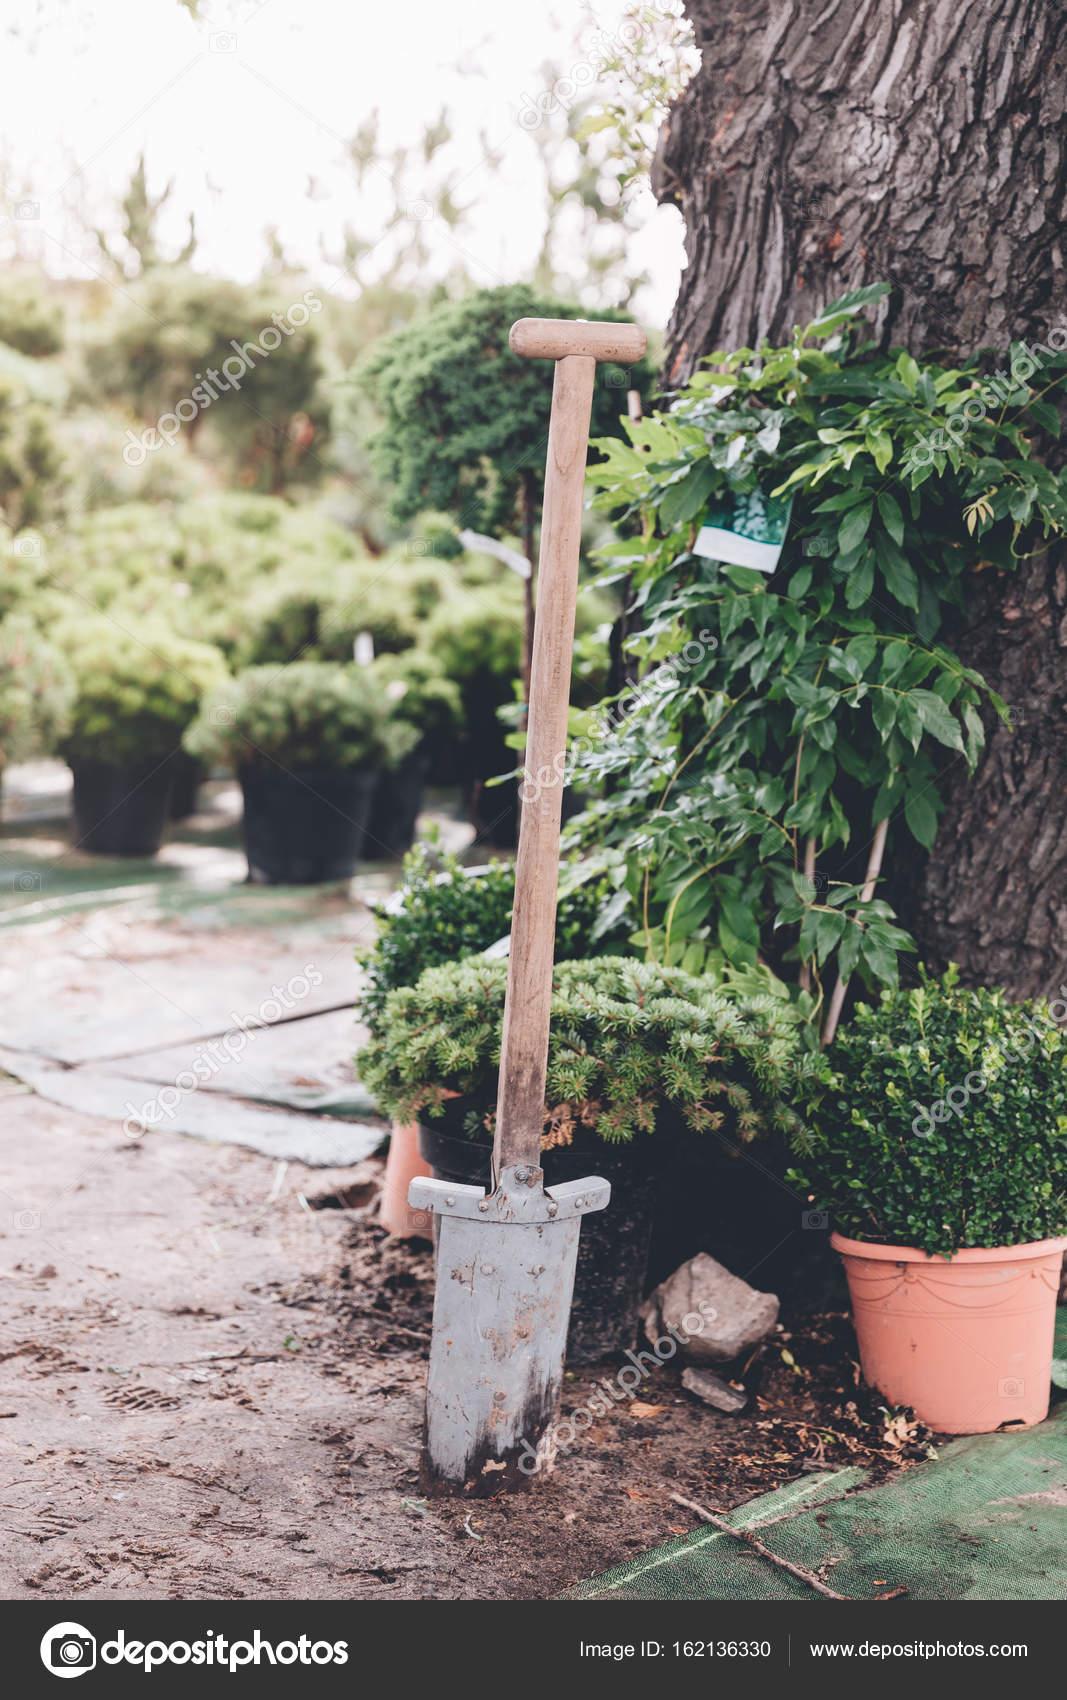 schmutzige Spaten im Garten — Stockfoto © SashaKhalabuzar #162136330